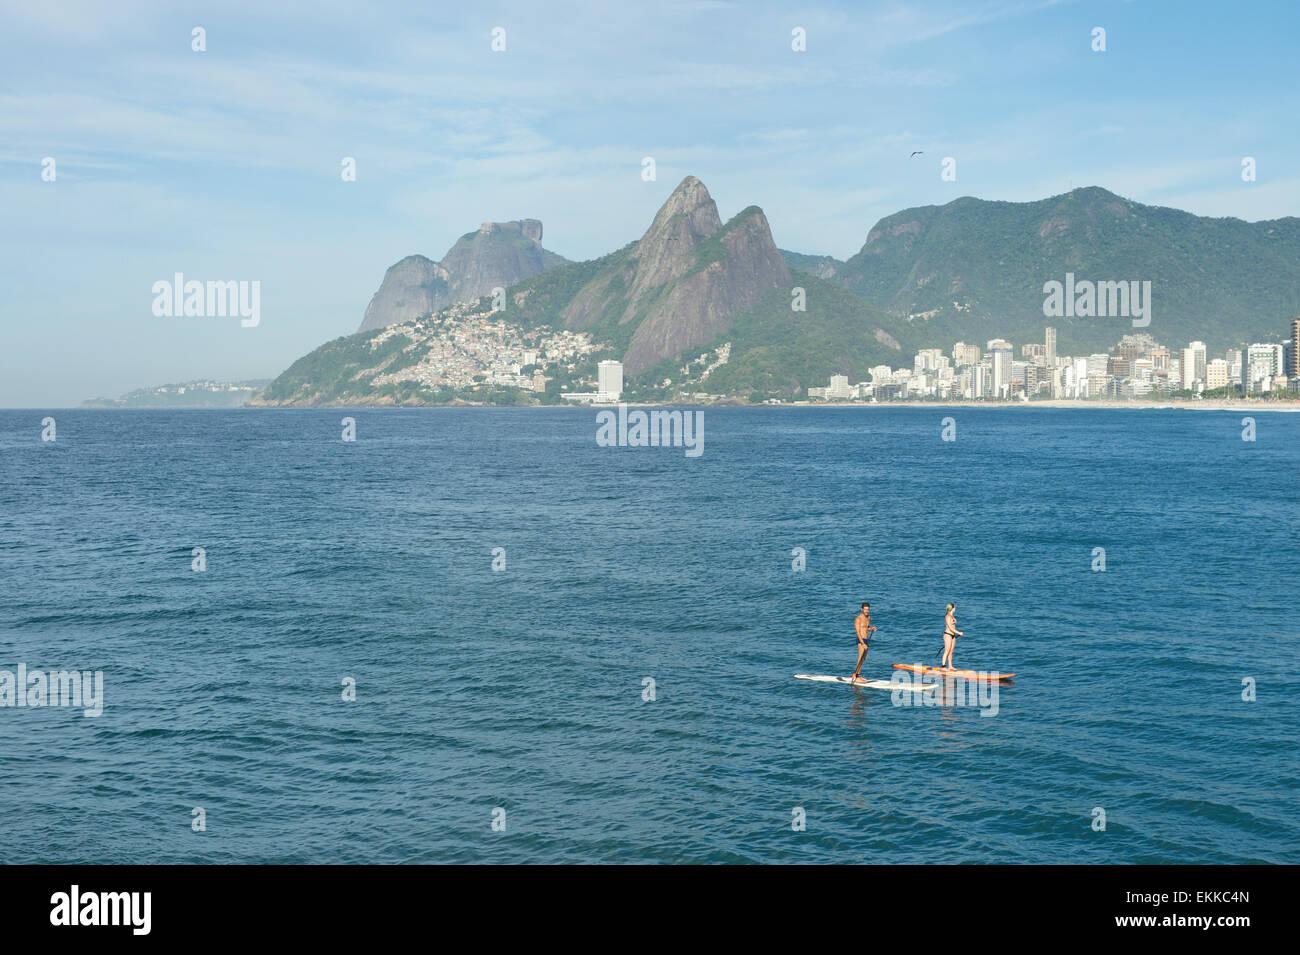 Río de Janeiro, Brasil - Marzo 22, 2015: un par de Stand Up Paddle entusiastas hacen su camino a la orilla Imagen De Stock